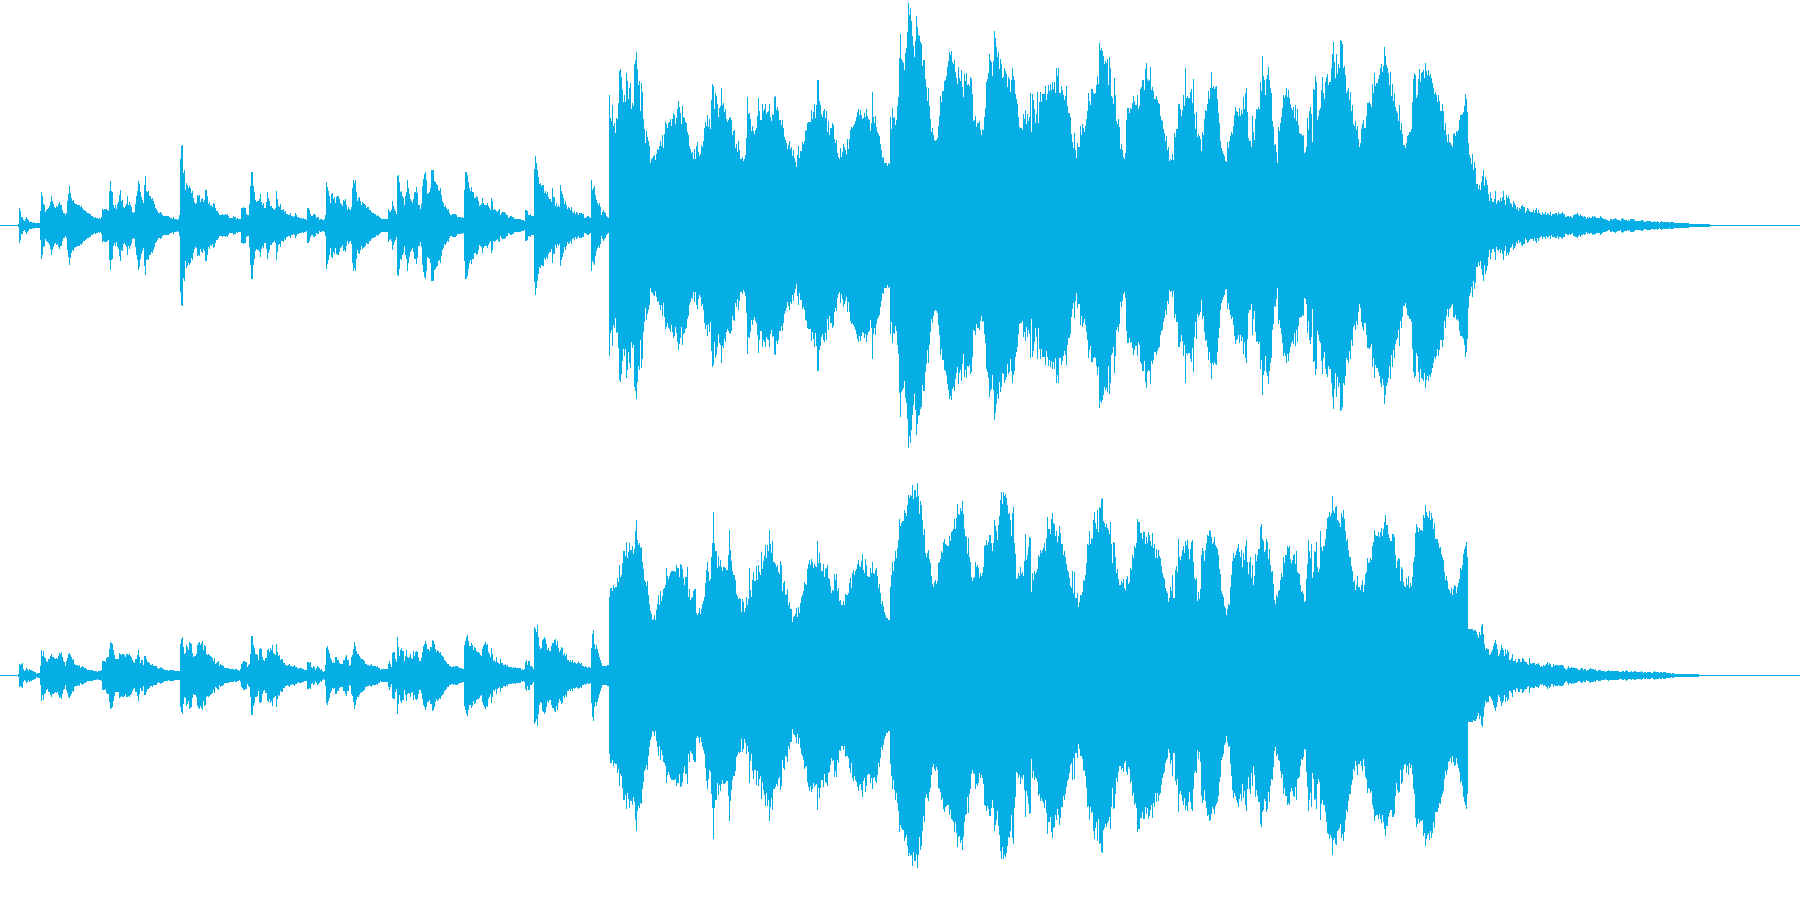 サスペンスドラマで被告人が自白する時の曲の再生済みの波形